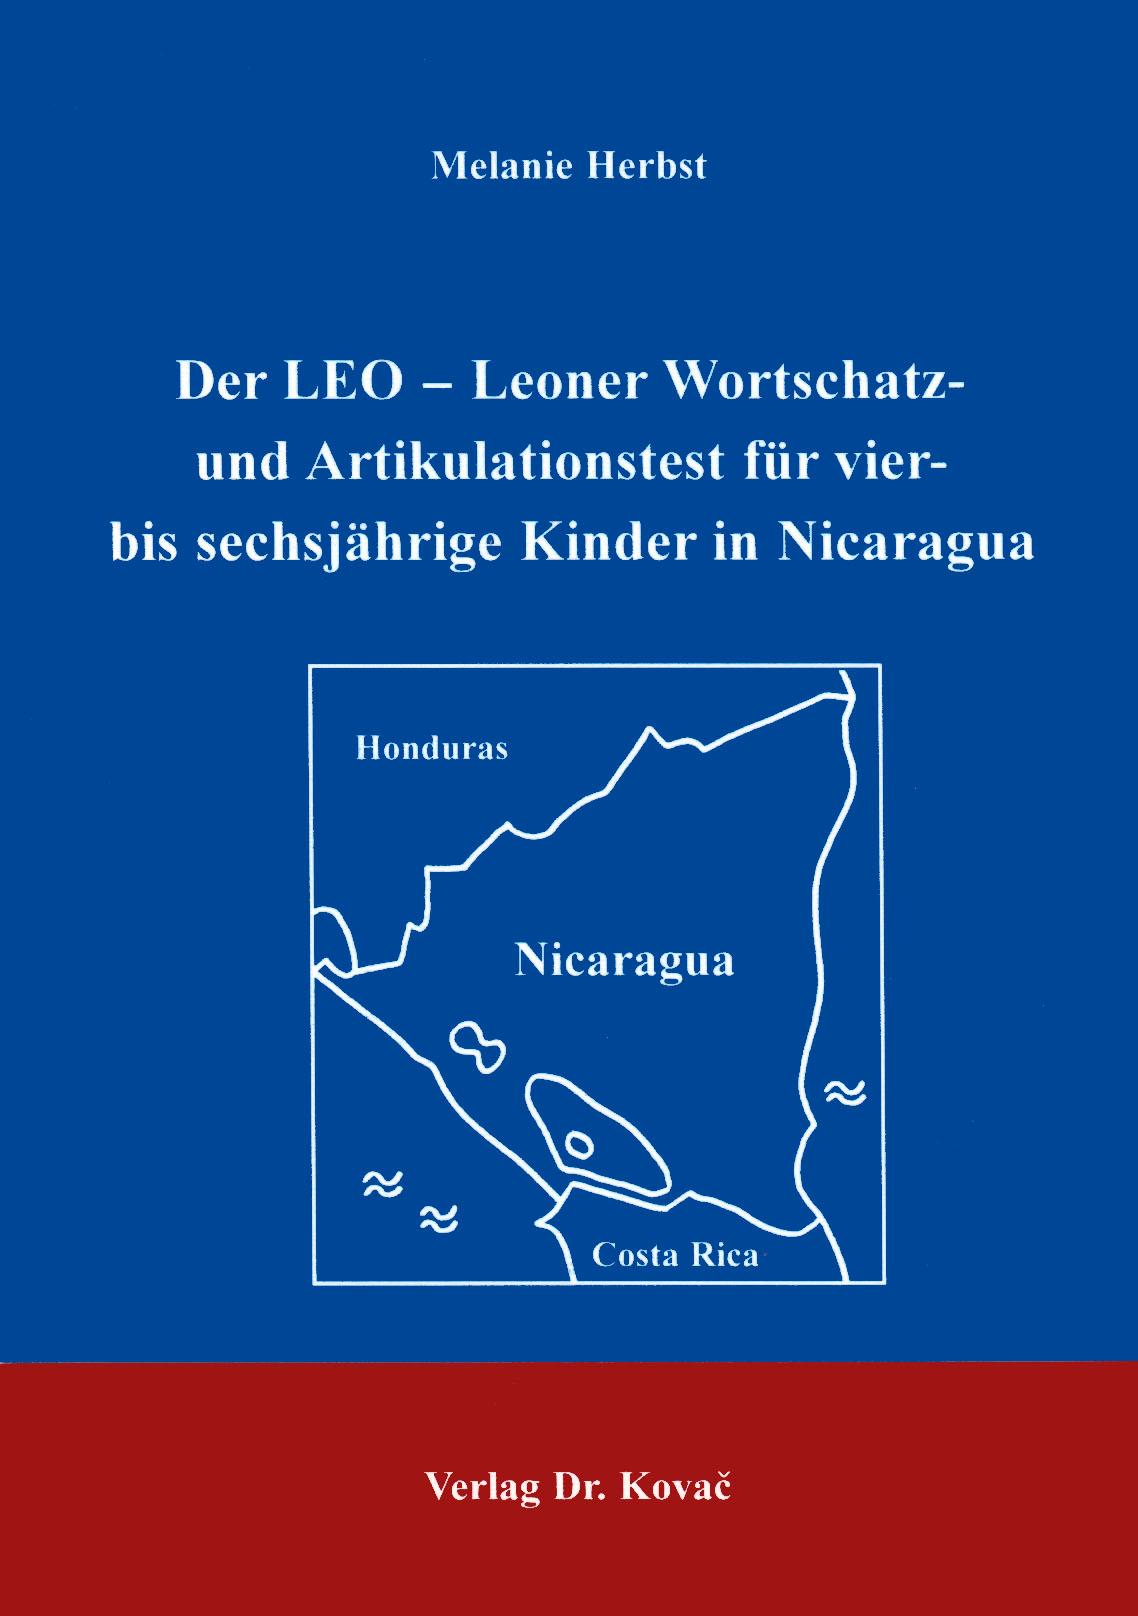 Cover: Der Leo-Leoner Wortschatz- und Artikulationstest für vier- bis sechsjährige Kinder in Nicaragua